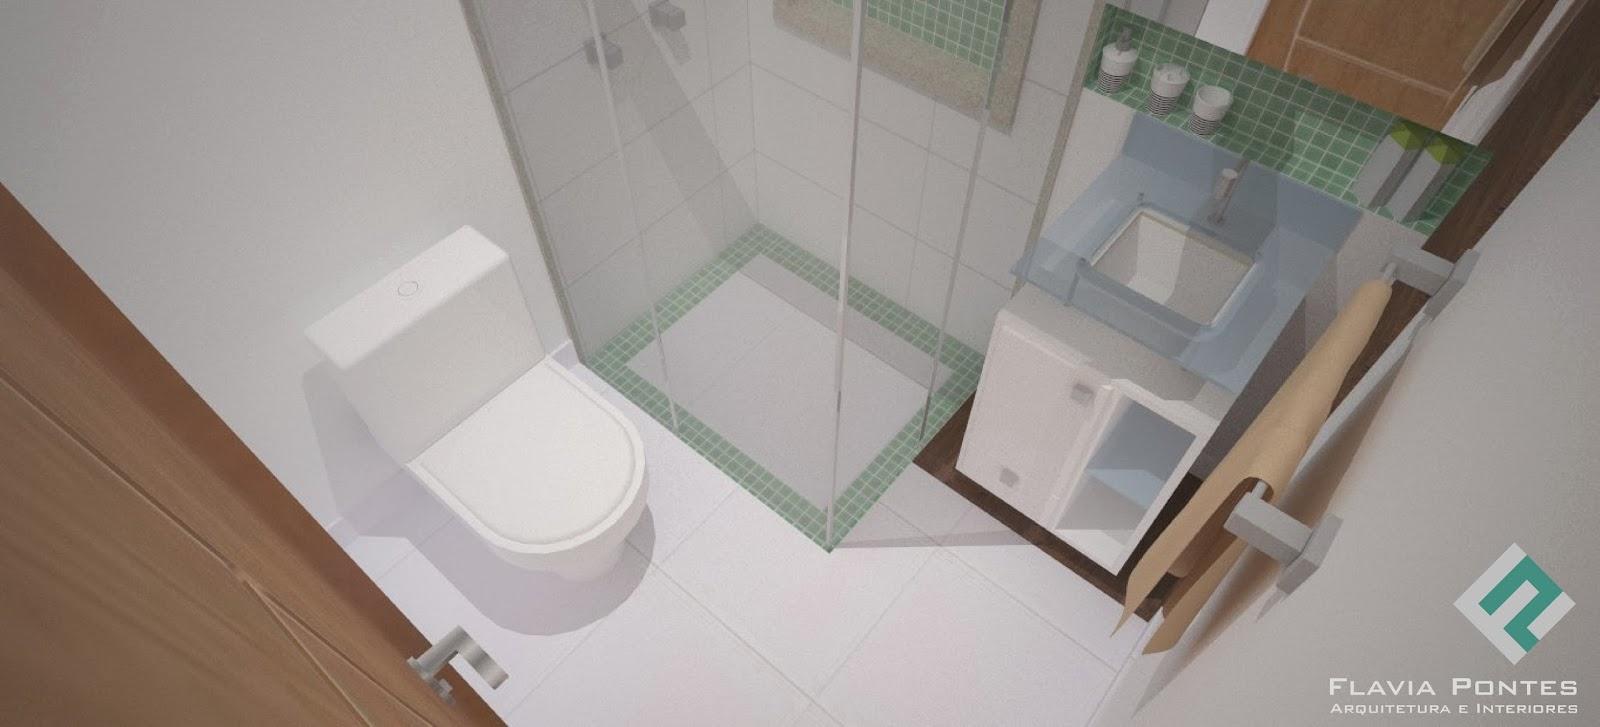 Flavia Pontes Arquitetura -> Box Para Banheiro Muito Pequeno